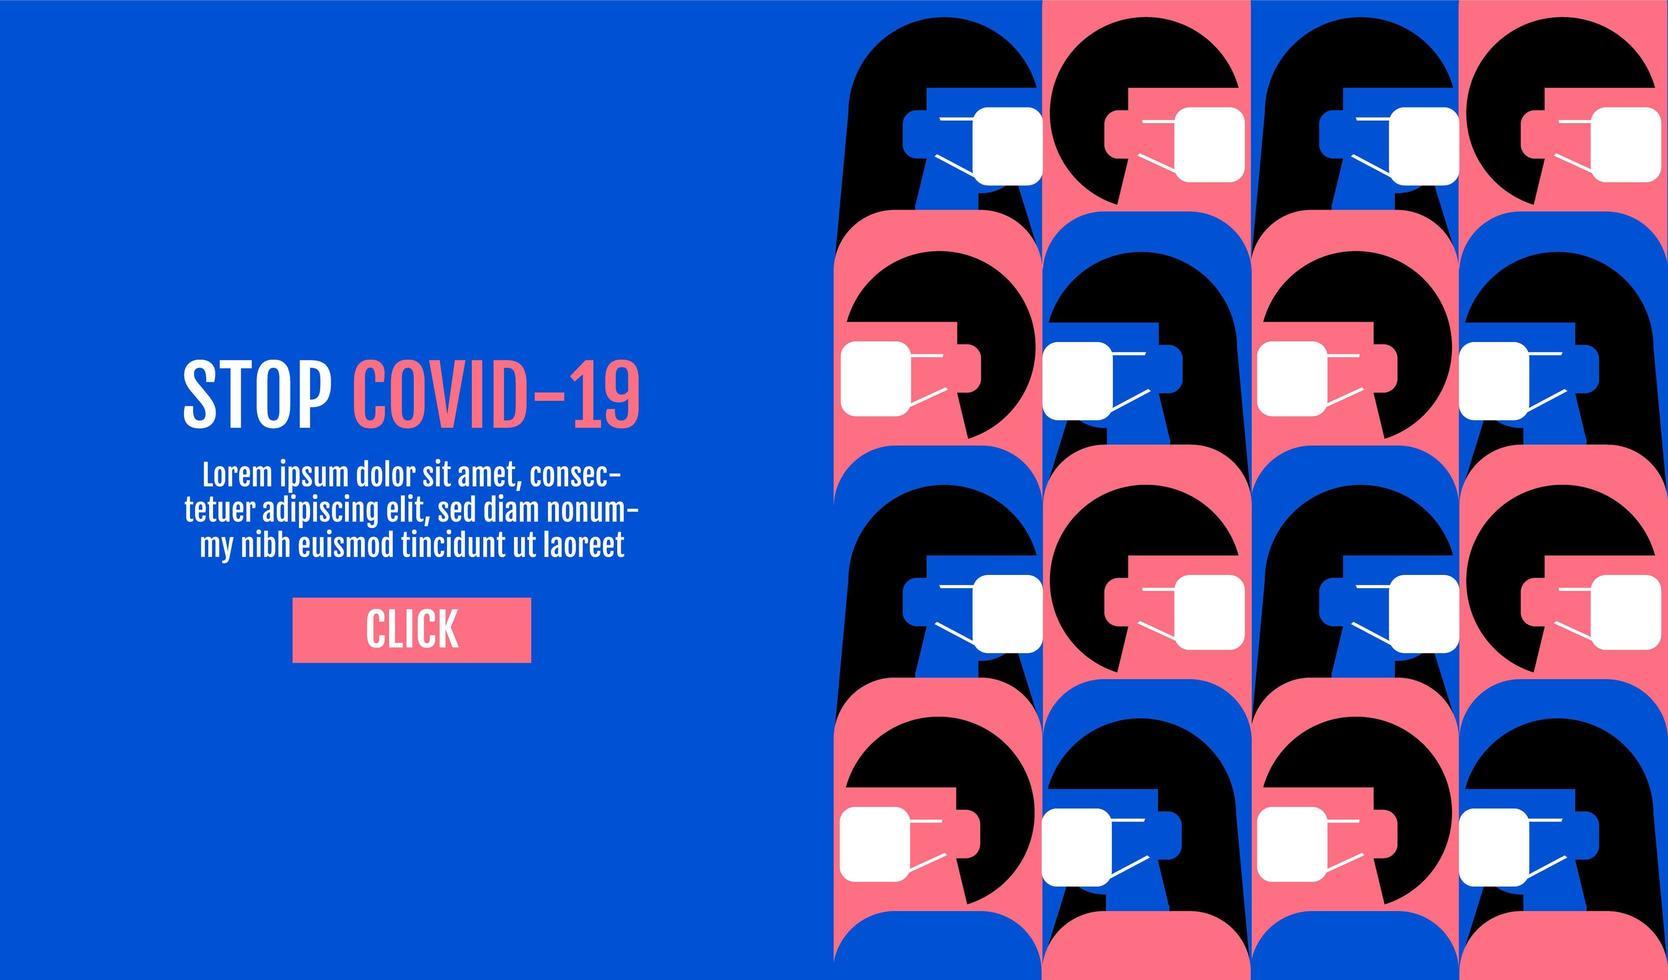 diseño plano stop covid-19 vector